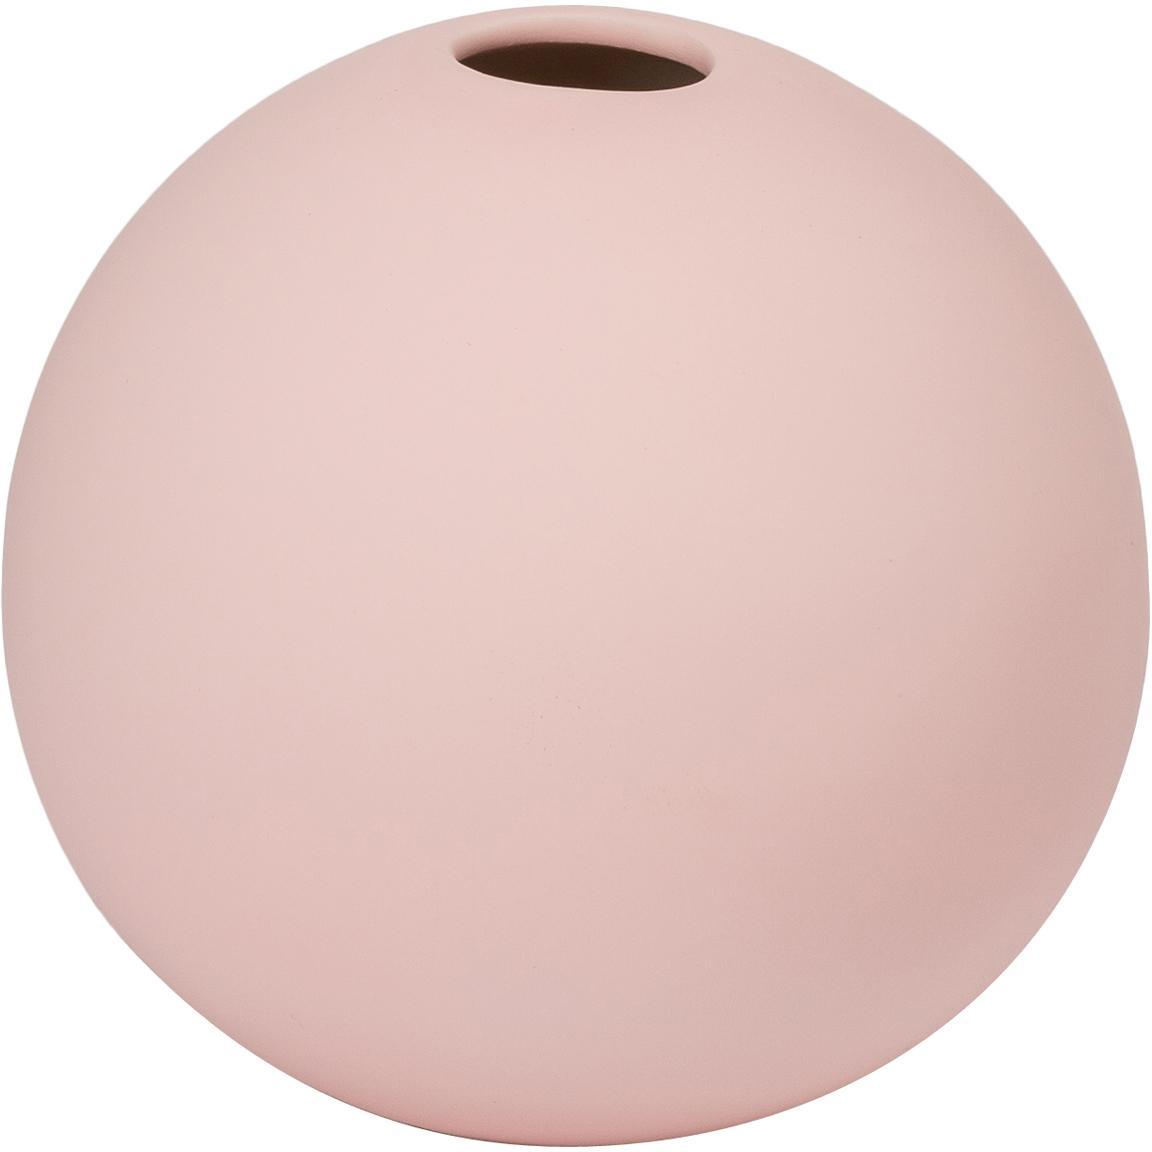 Jarrón artesanal Ball, Cerámica, Rosa, Ø 8 x Al 8 cm